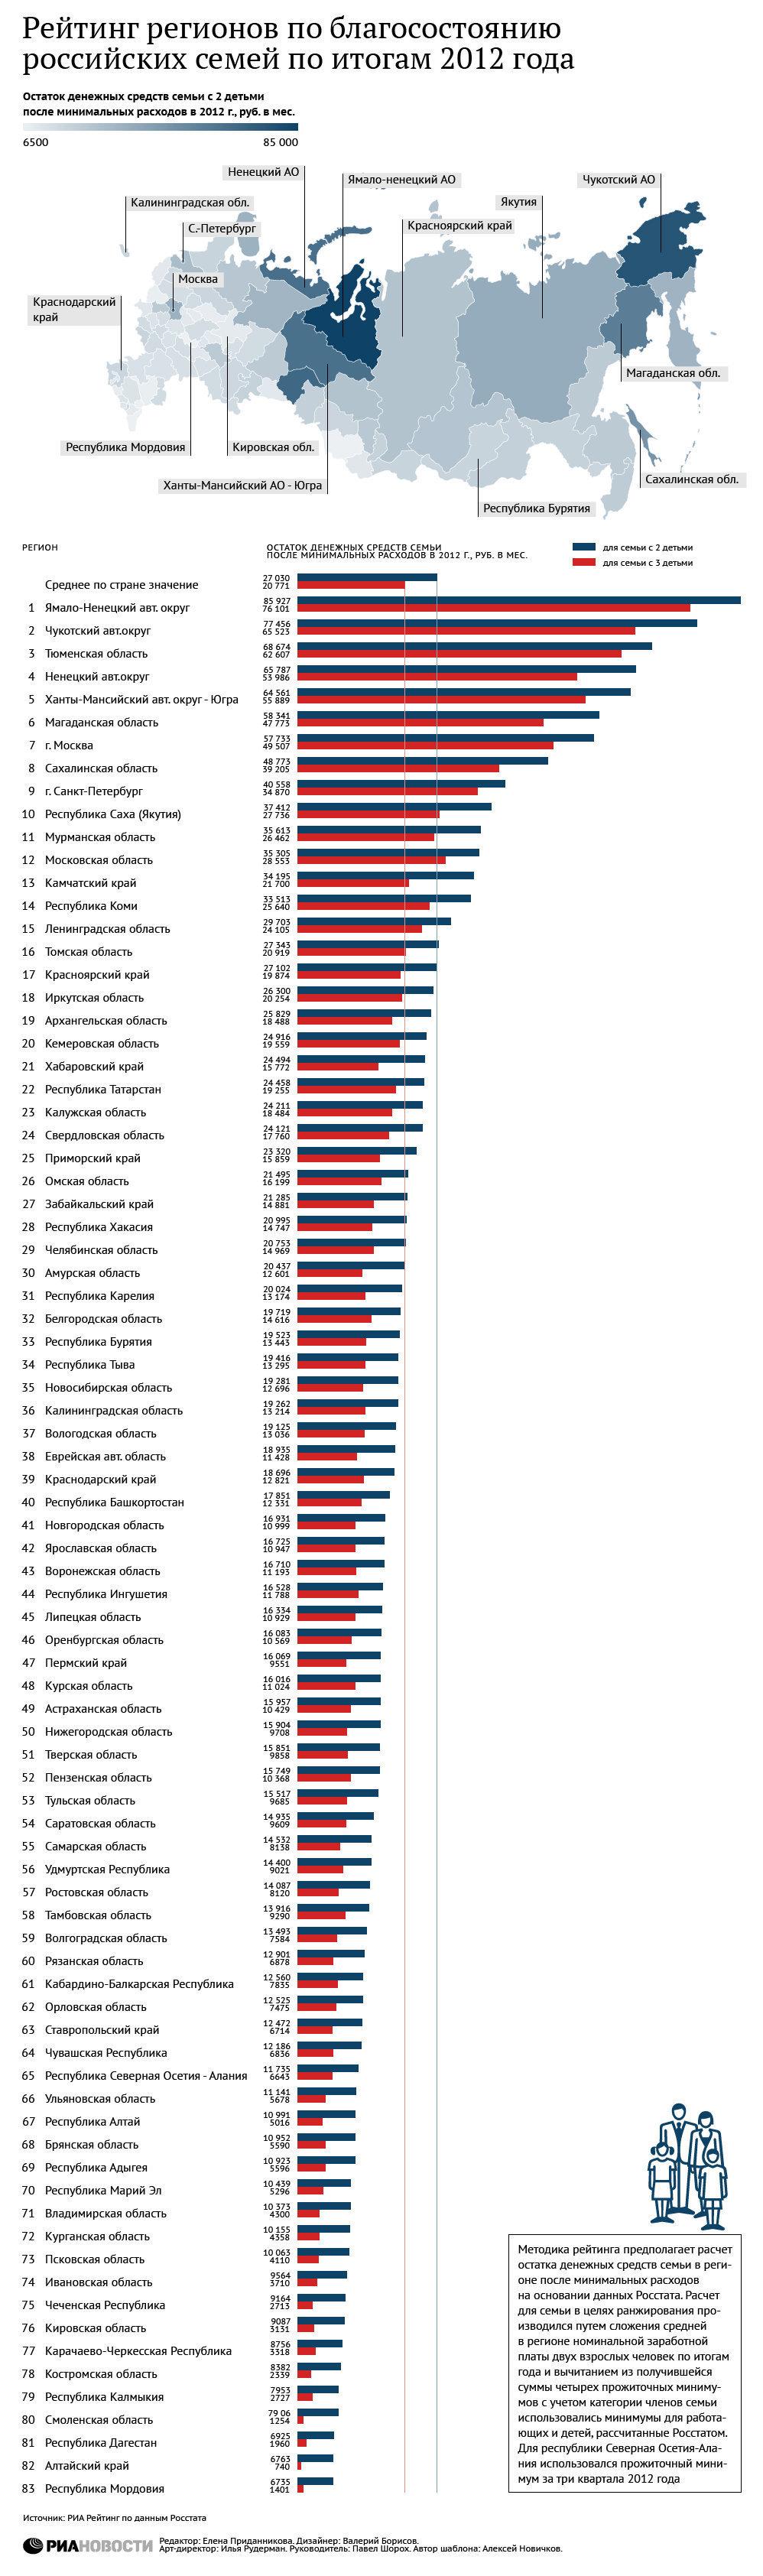 Рейтинг регионов по уровню жизни семей